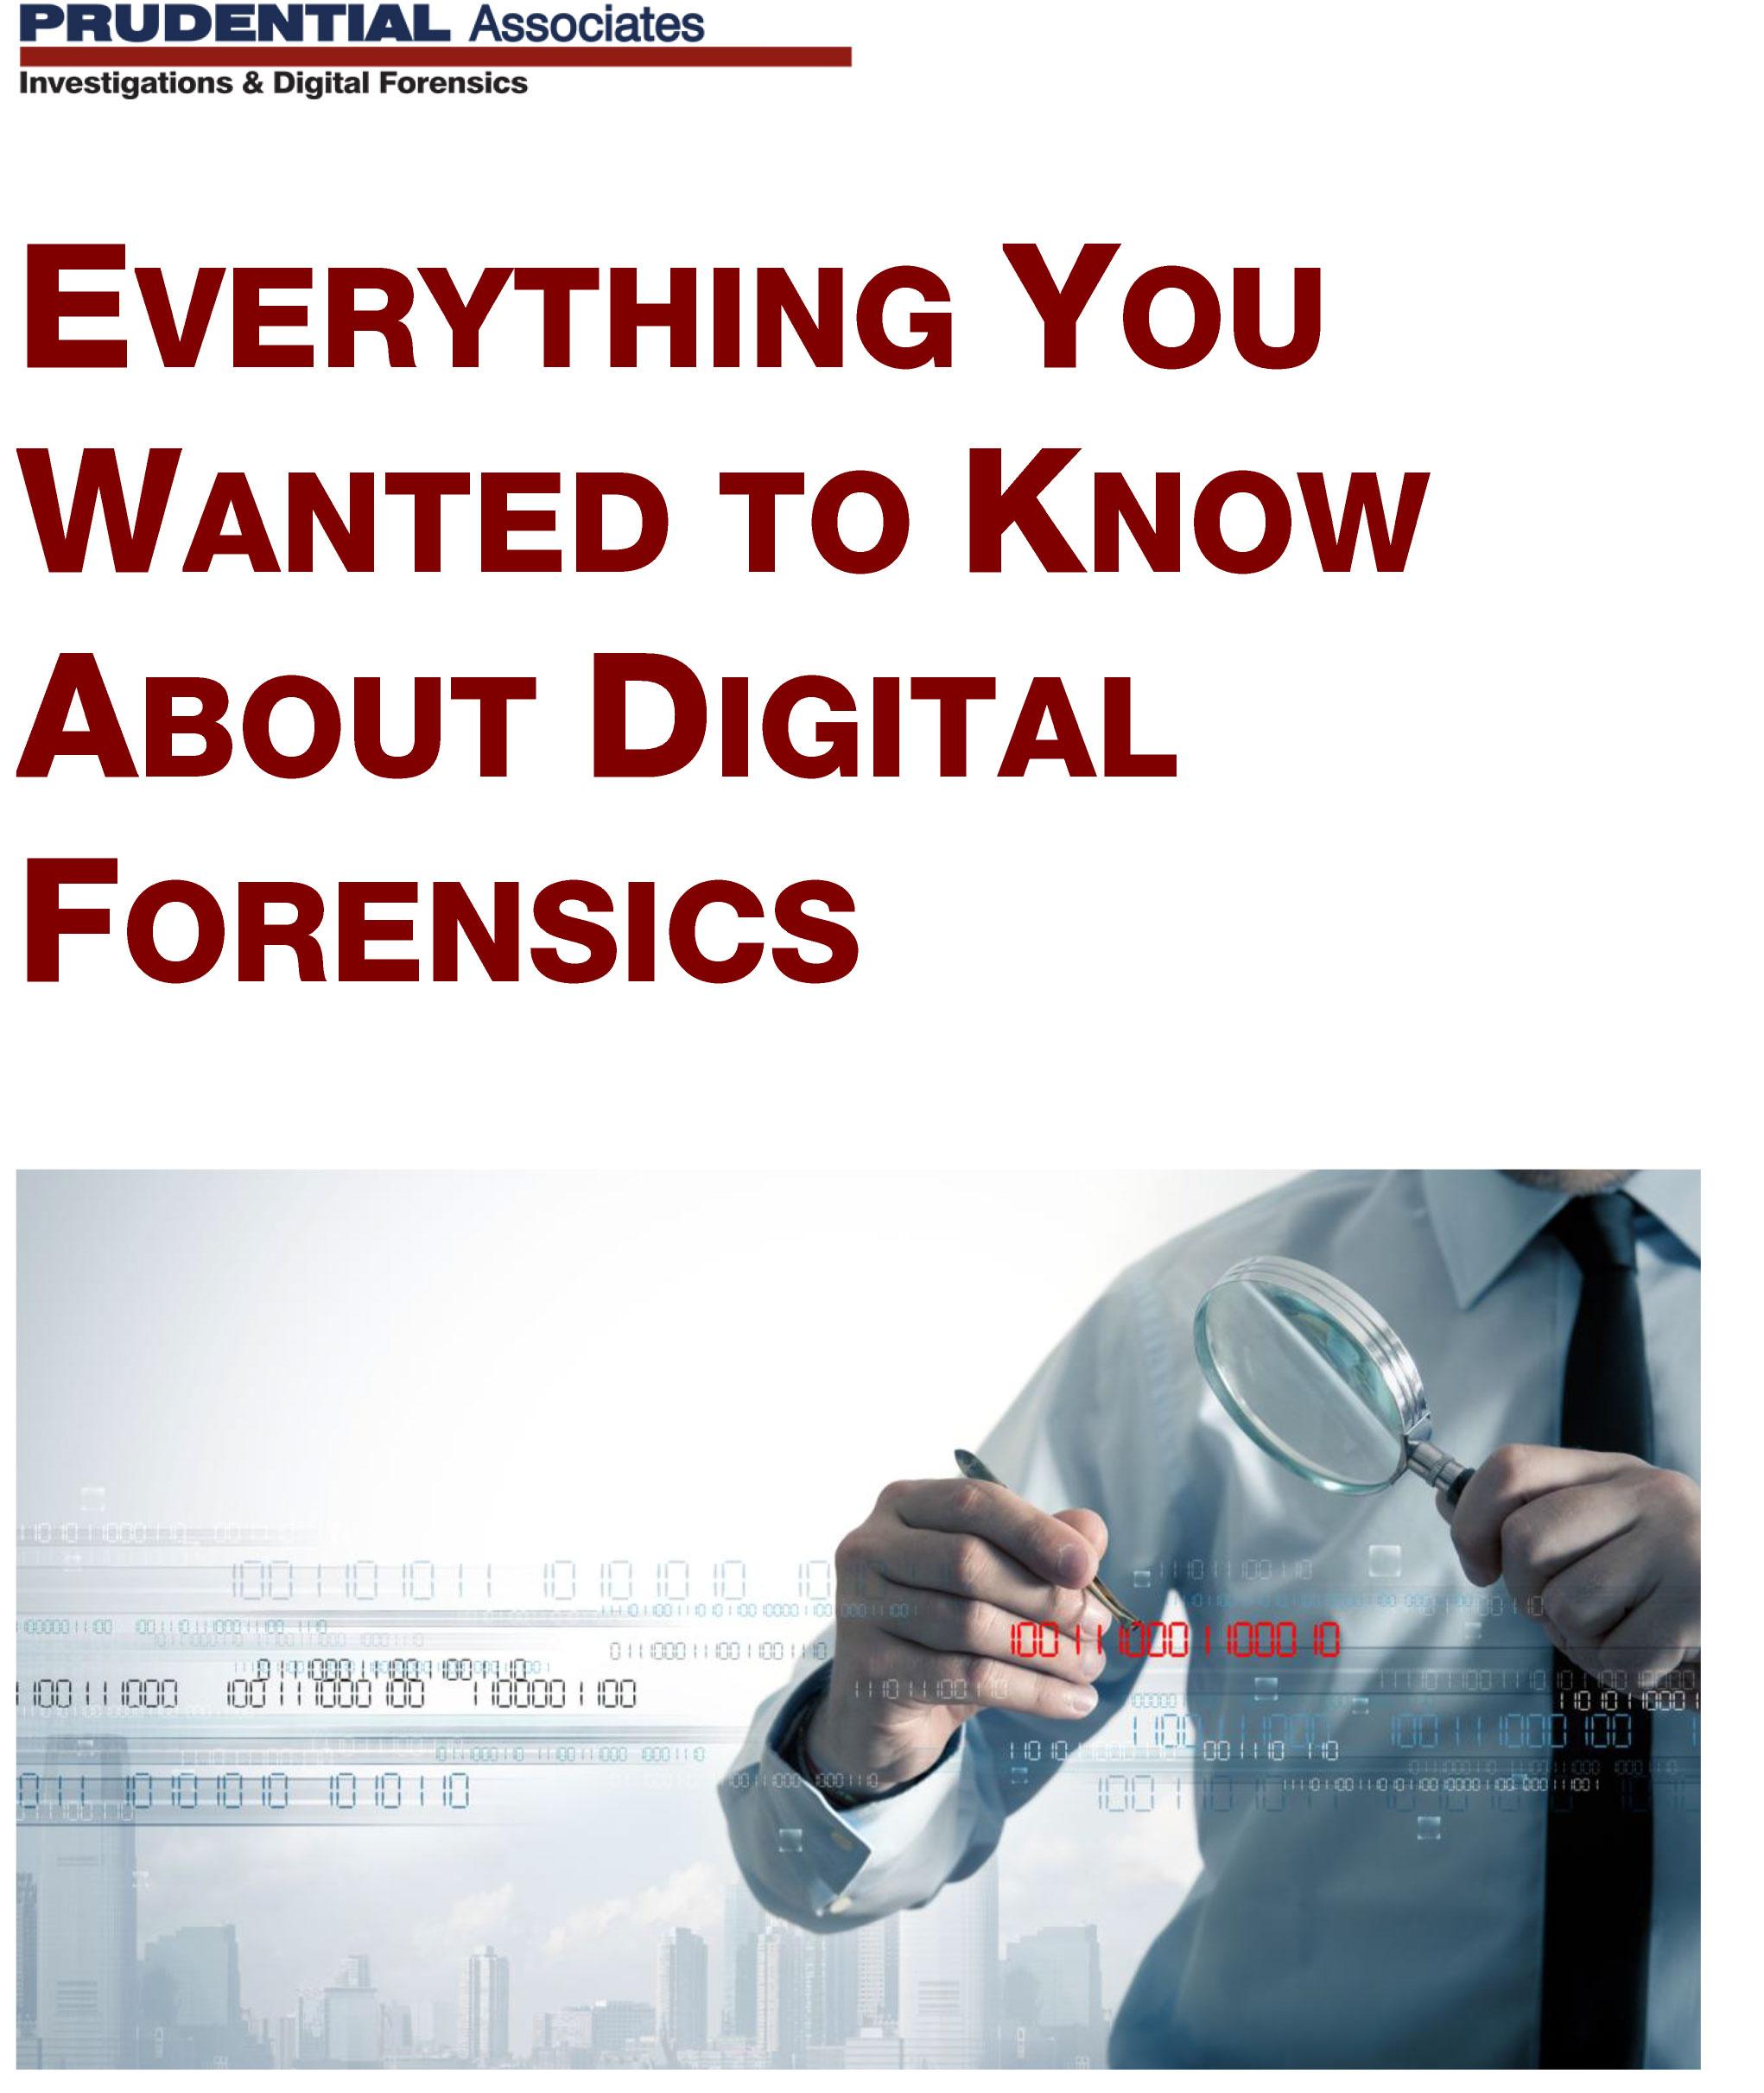 digital forensics resume voucher examiner cover letter